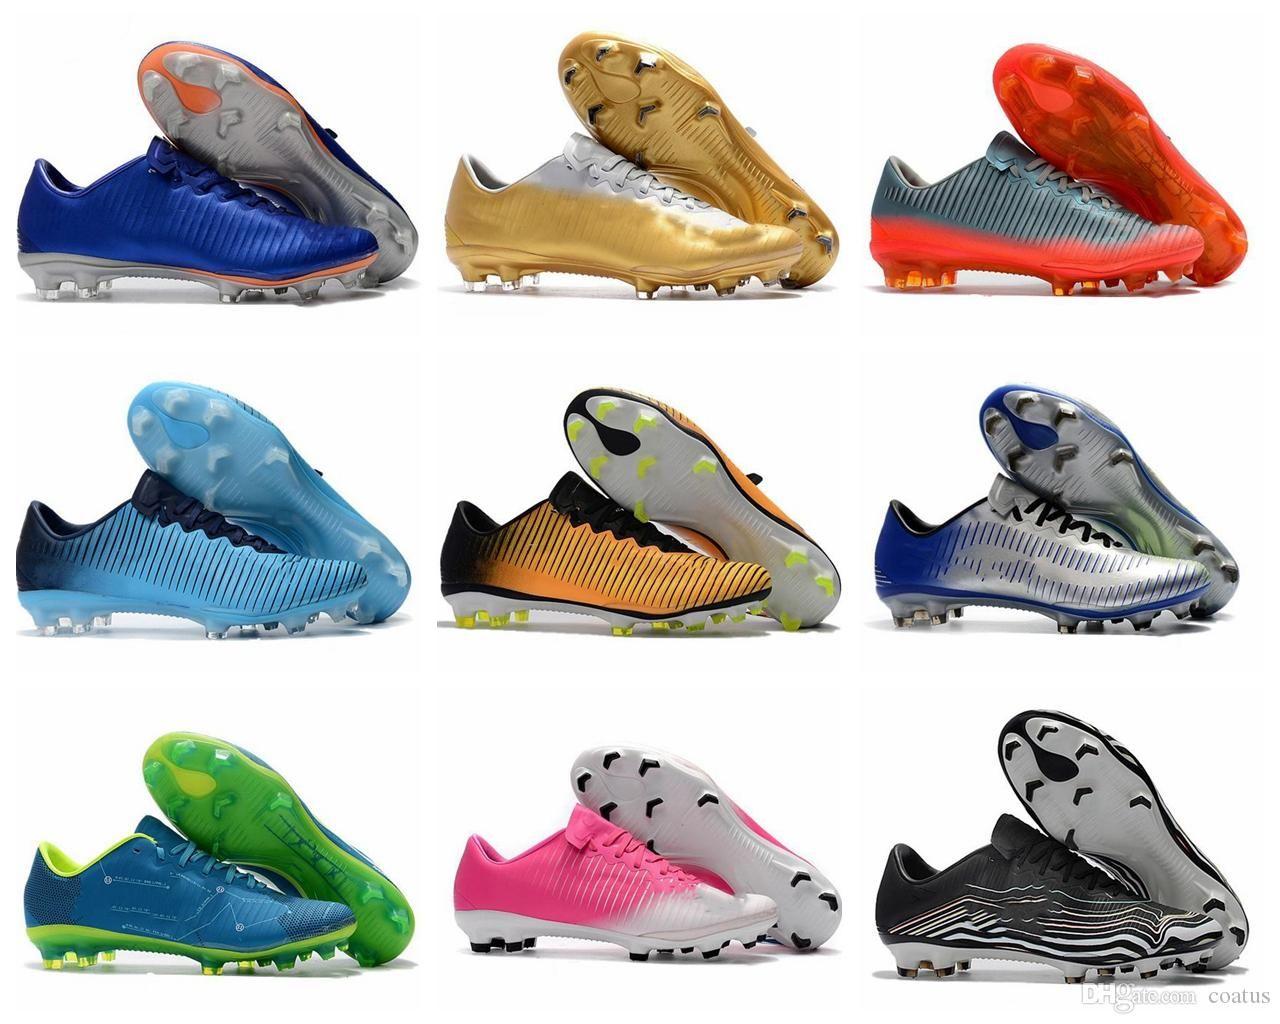 2019 качества футбольных бутс Mercurial VaporX XI Botas де Futbol Низкого Mercurial MENS футбол shoe01 дешевые бутсы 39-45